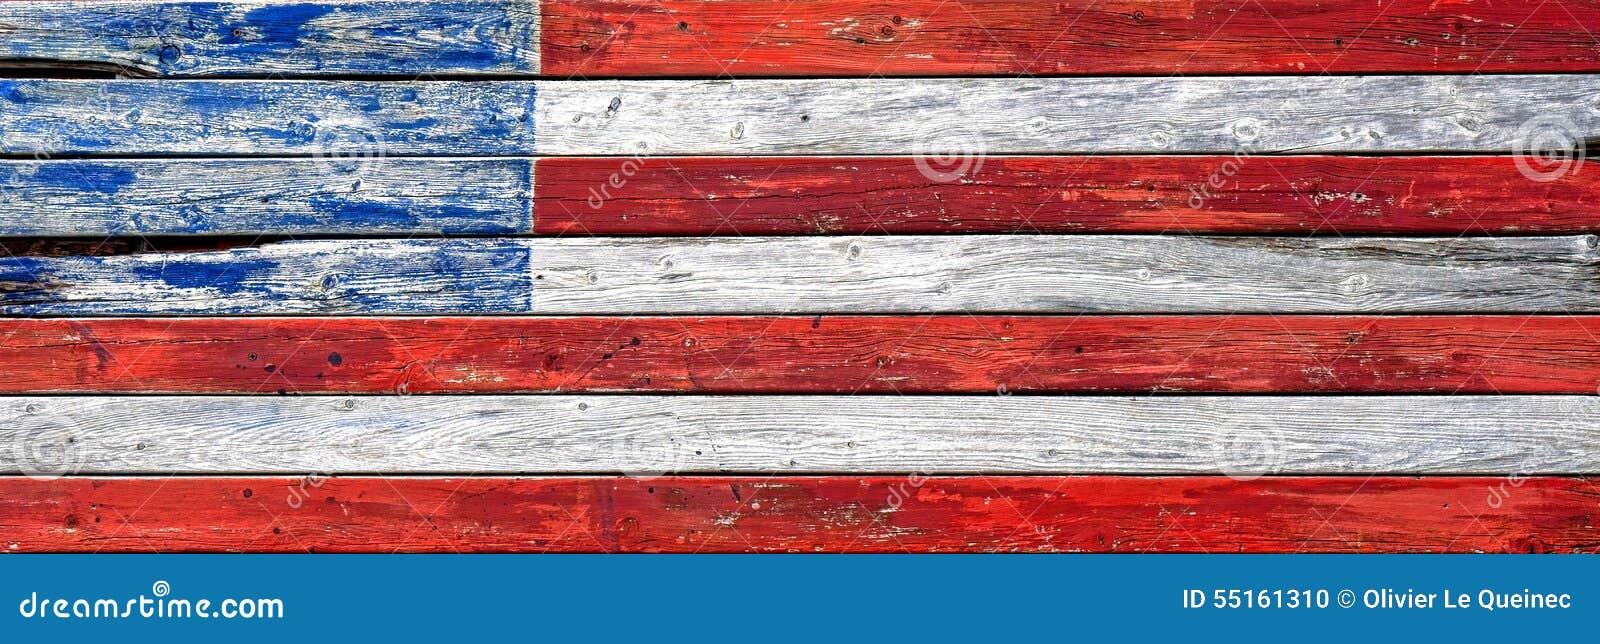 古色古香的木板条修改过的美国美国国旗